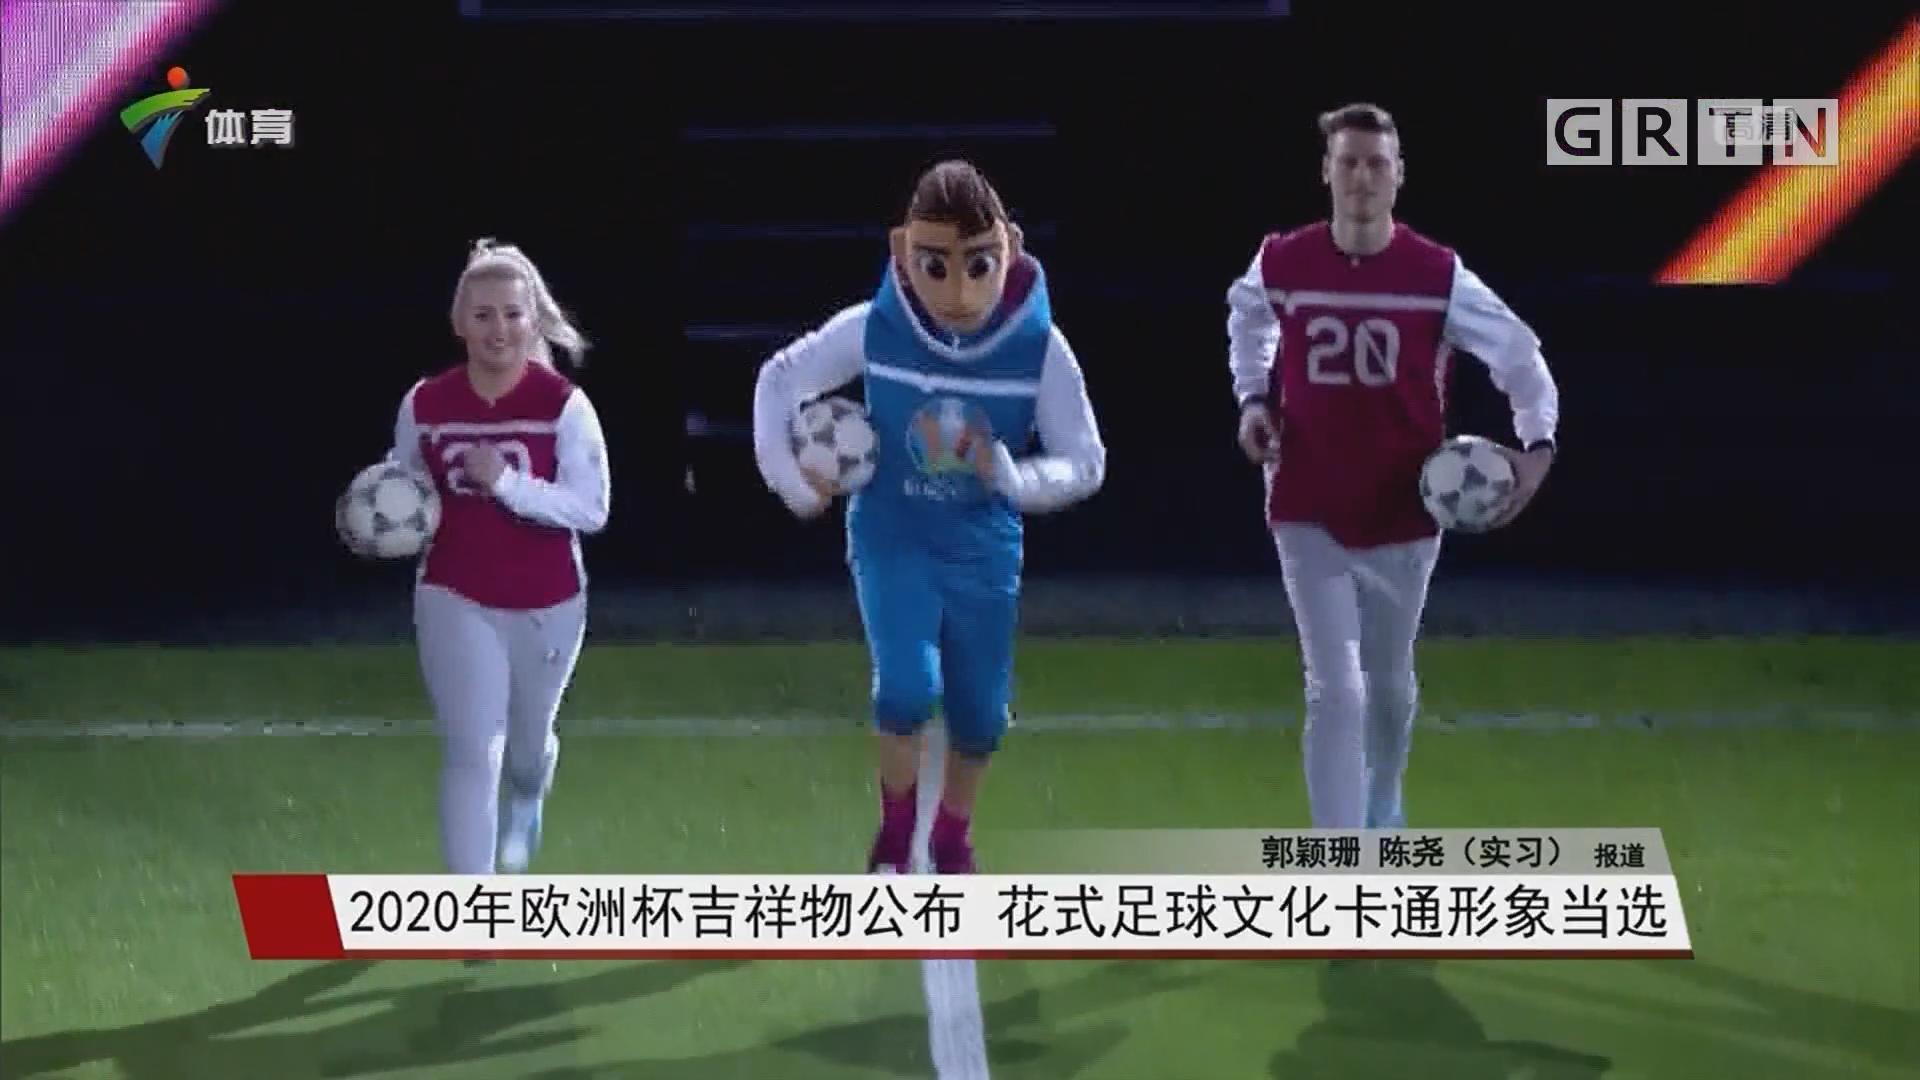 2020年欧洲杯吉祥物公布 花式足球文化卡通形象当选